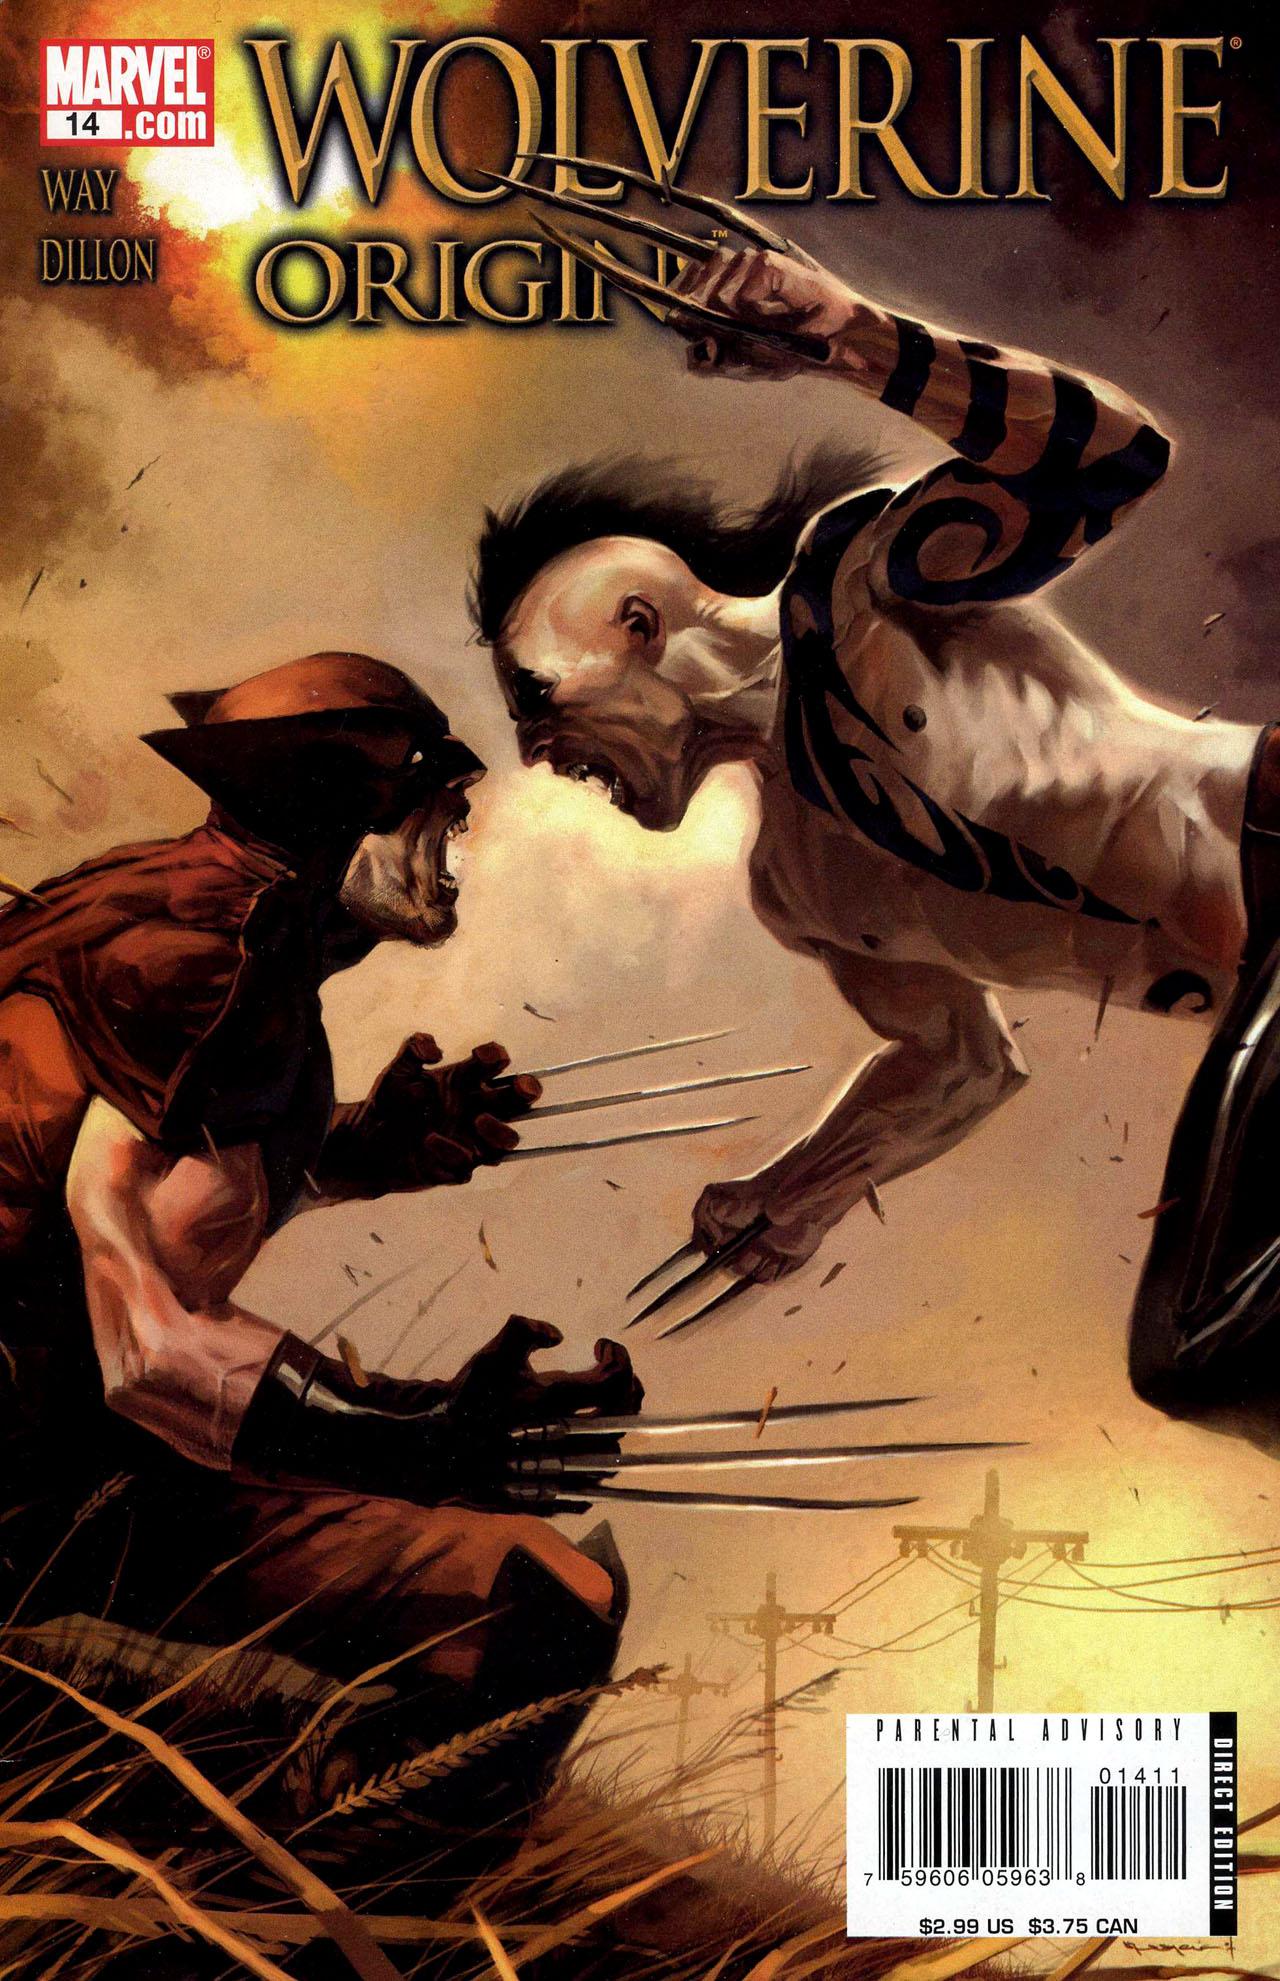 Read online Wolverine: Origins comic -  Issue #14 - 1